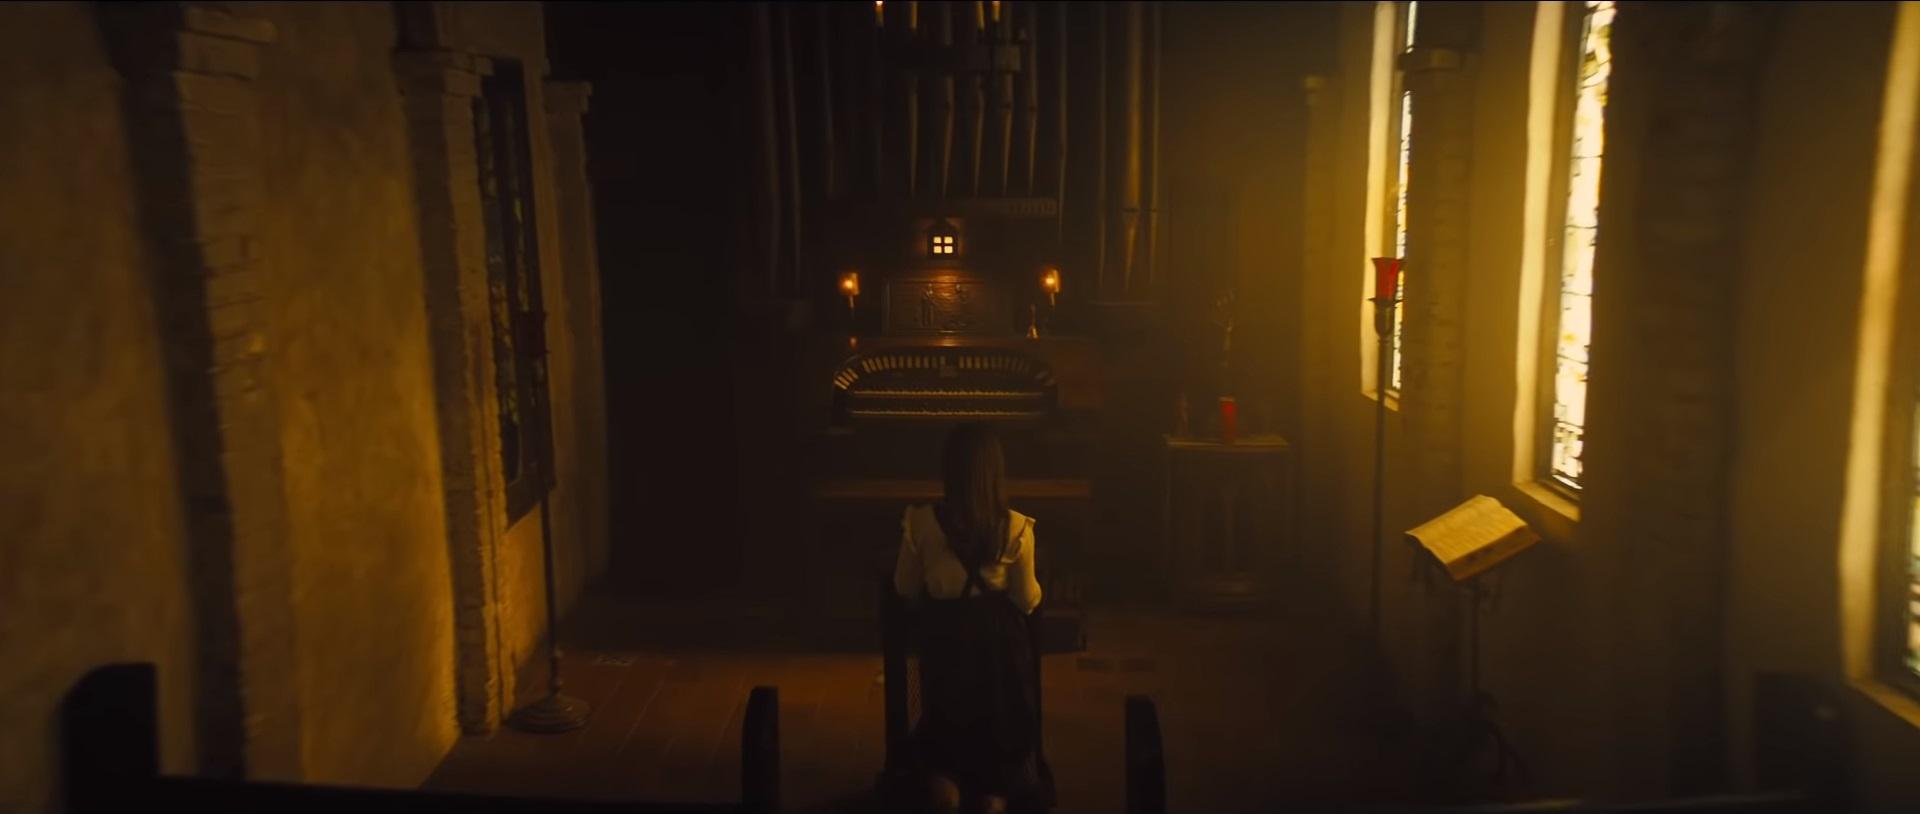 W początkowej fazie zwiastuna widzimy modlącą się w kościele kobietę – wielu z nas początkowo sądziło, że jest to Huntress. Jeśli jednak przyjrzymy się scenie, w której Czarna Maska podchodzi do trzech wiszących do góry nogami kobiet, zauważymy, że jedna z nich ma na sobie dokładnie te same ubrania, co modląca się w kościele. Spekuluje się, że złoczyńca może znęcać się nad reprezentantkami płci żeńskiej z Gotham, czym narazi się tytułowym bohaterkom, a co jednocześnie wpisze się w emancypacyjny wątek historii.